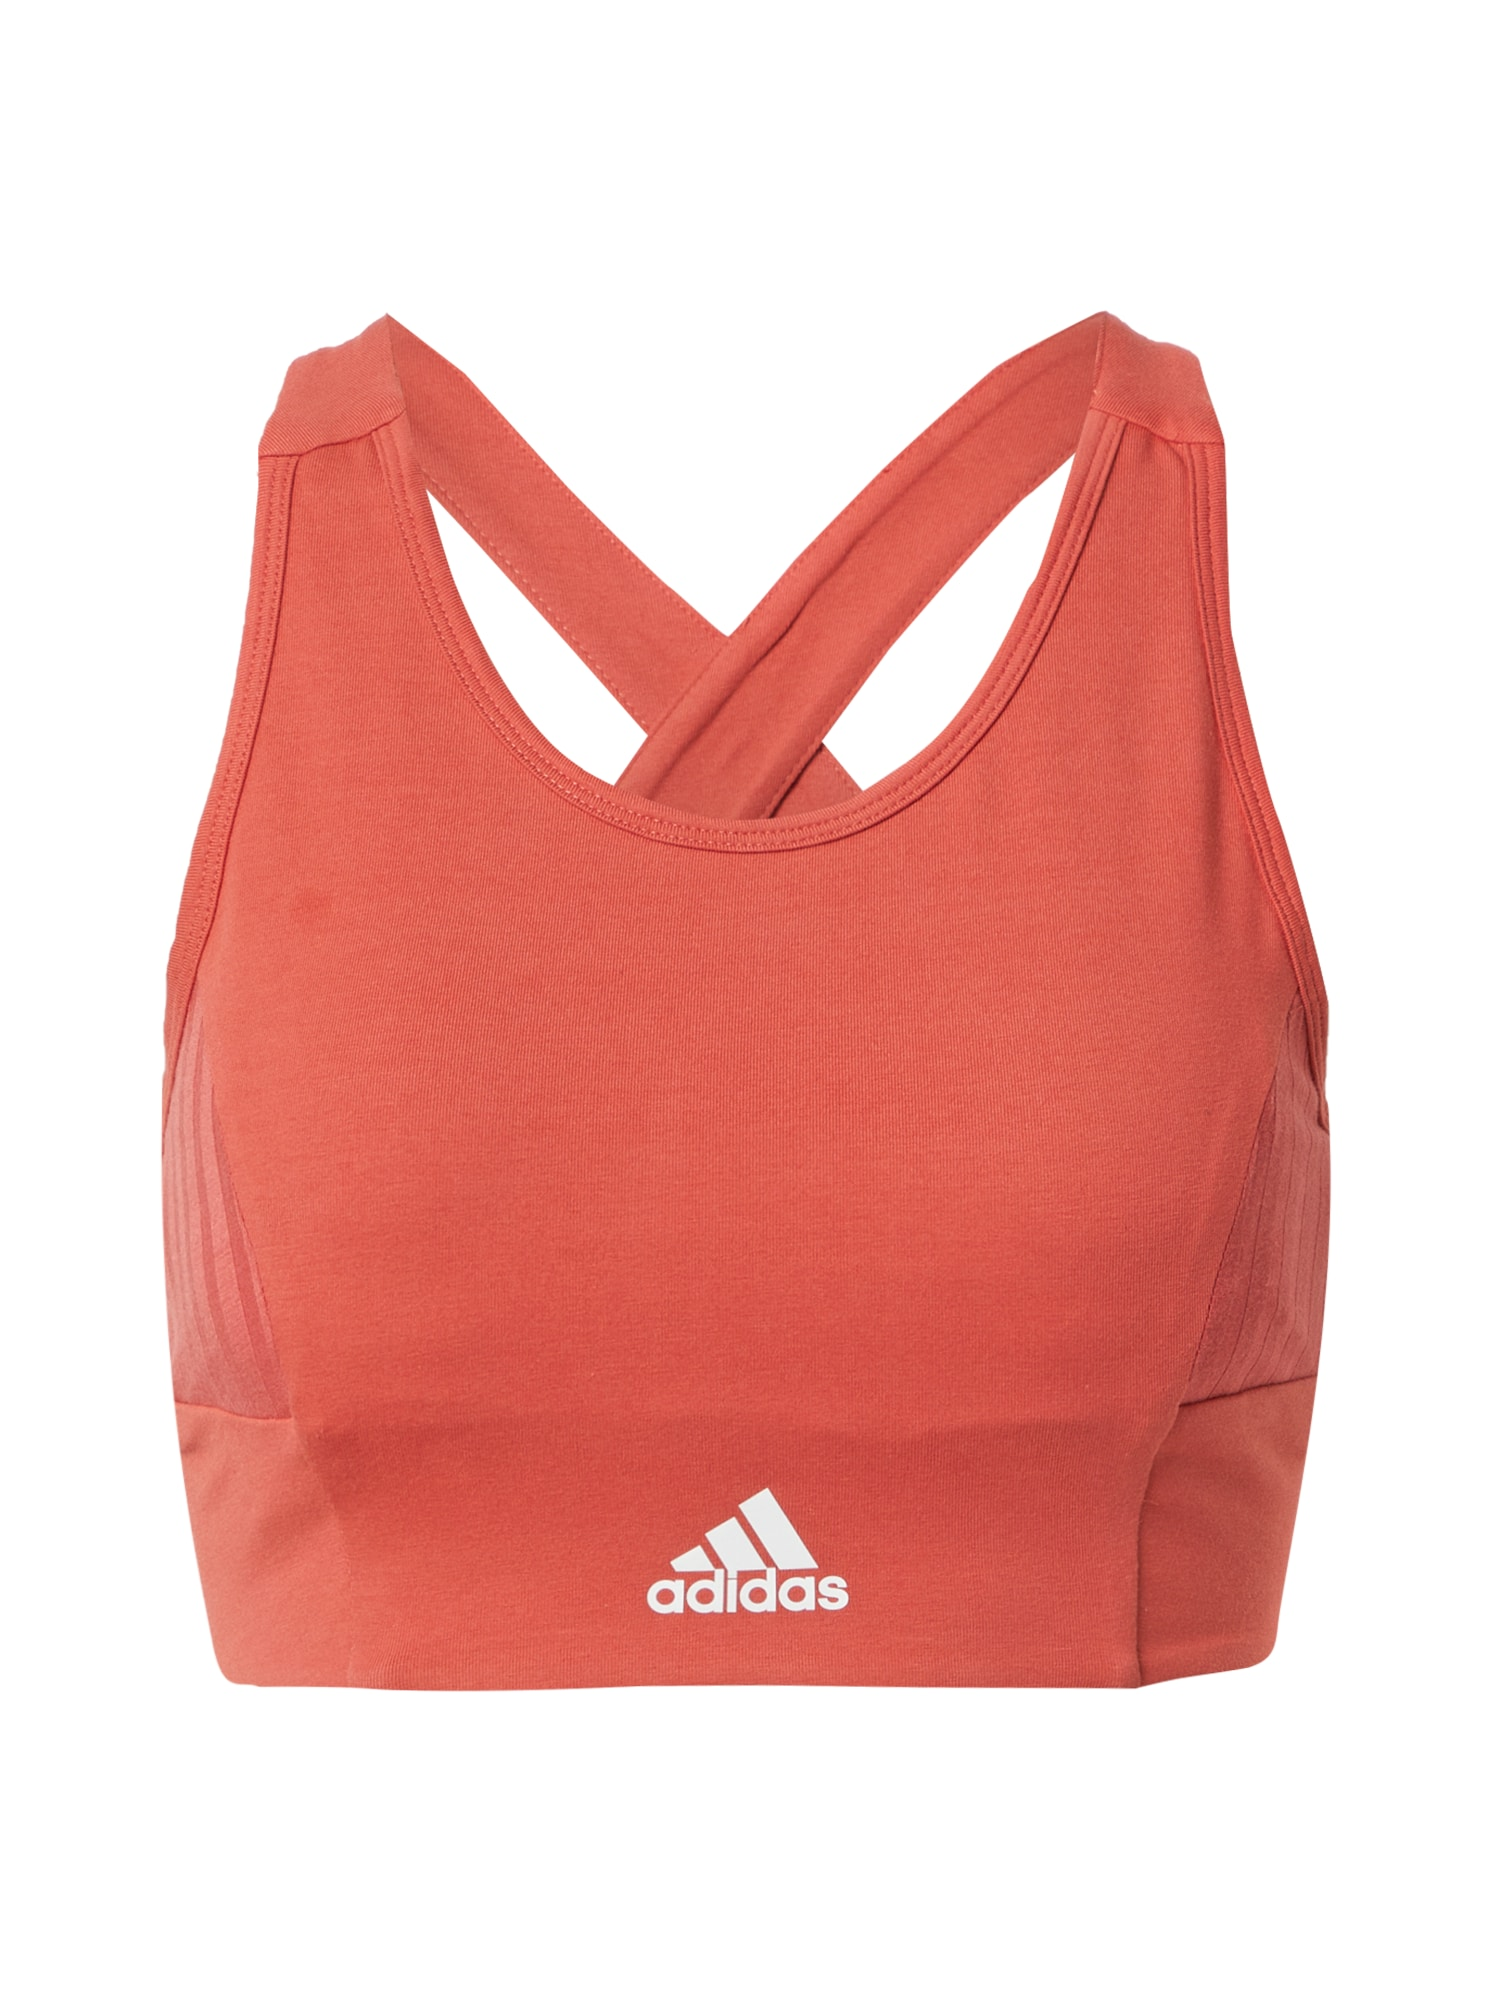 ADIDAS PERFORMANCE Sportinė liemenėlė oranžinė-raudona / balta